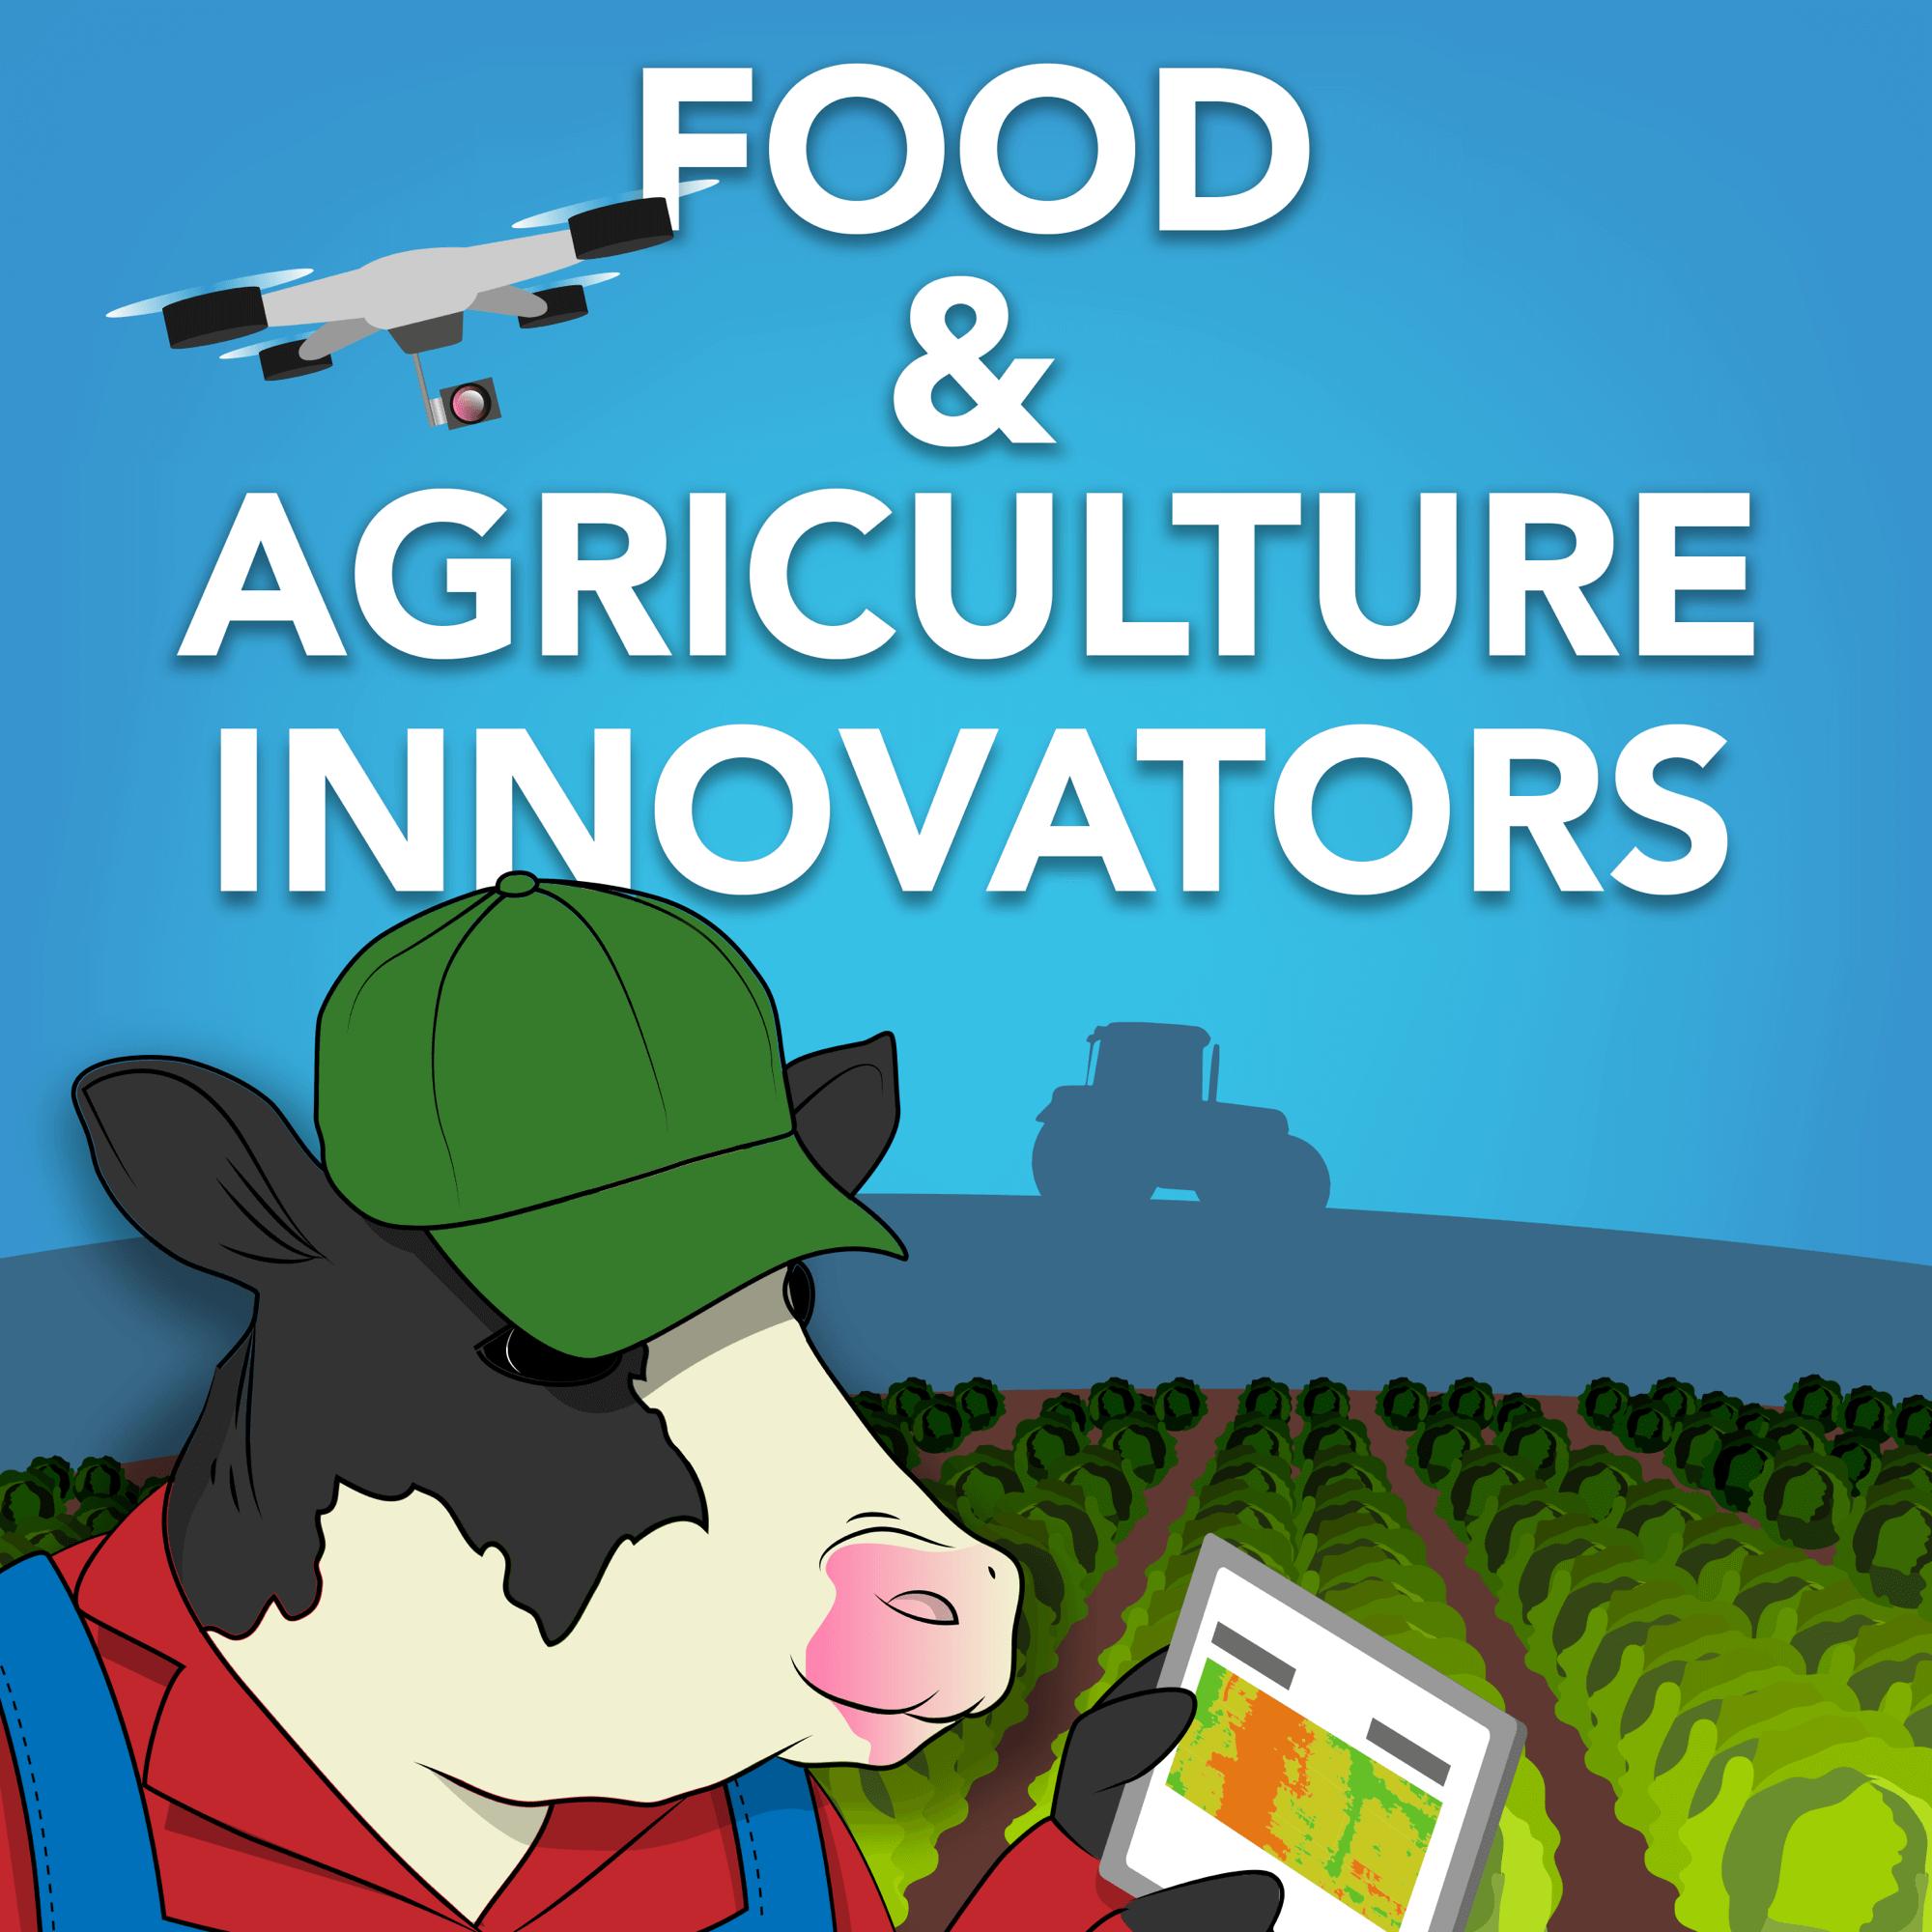 Food & Agriculture Innovators